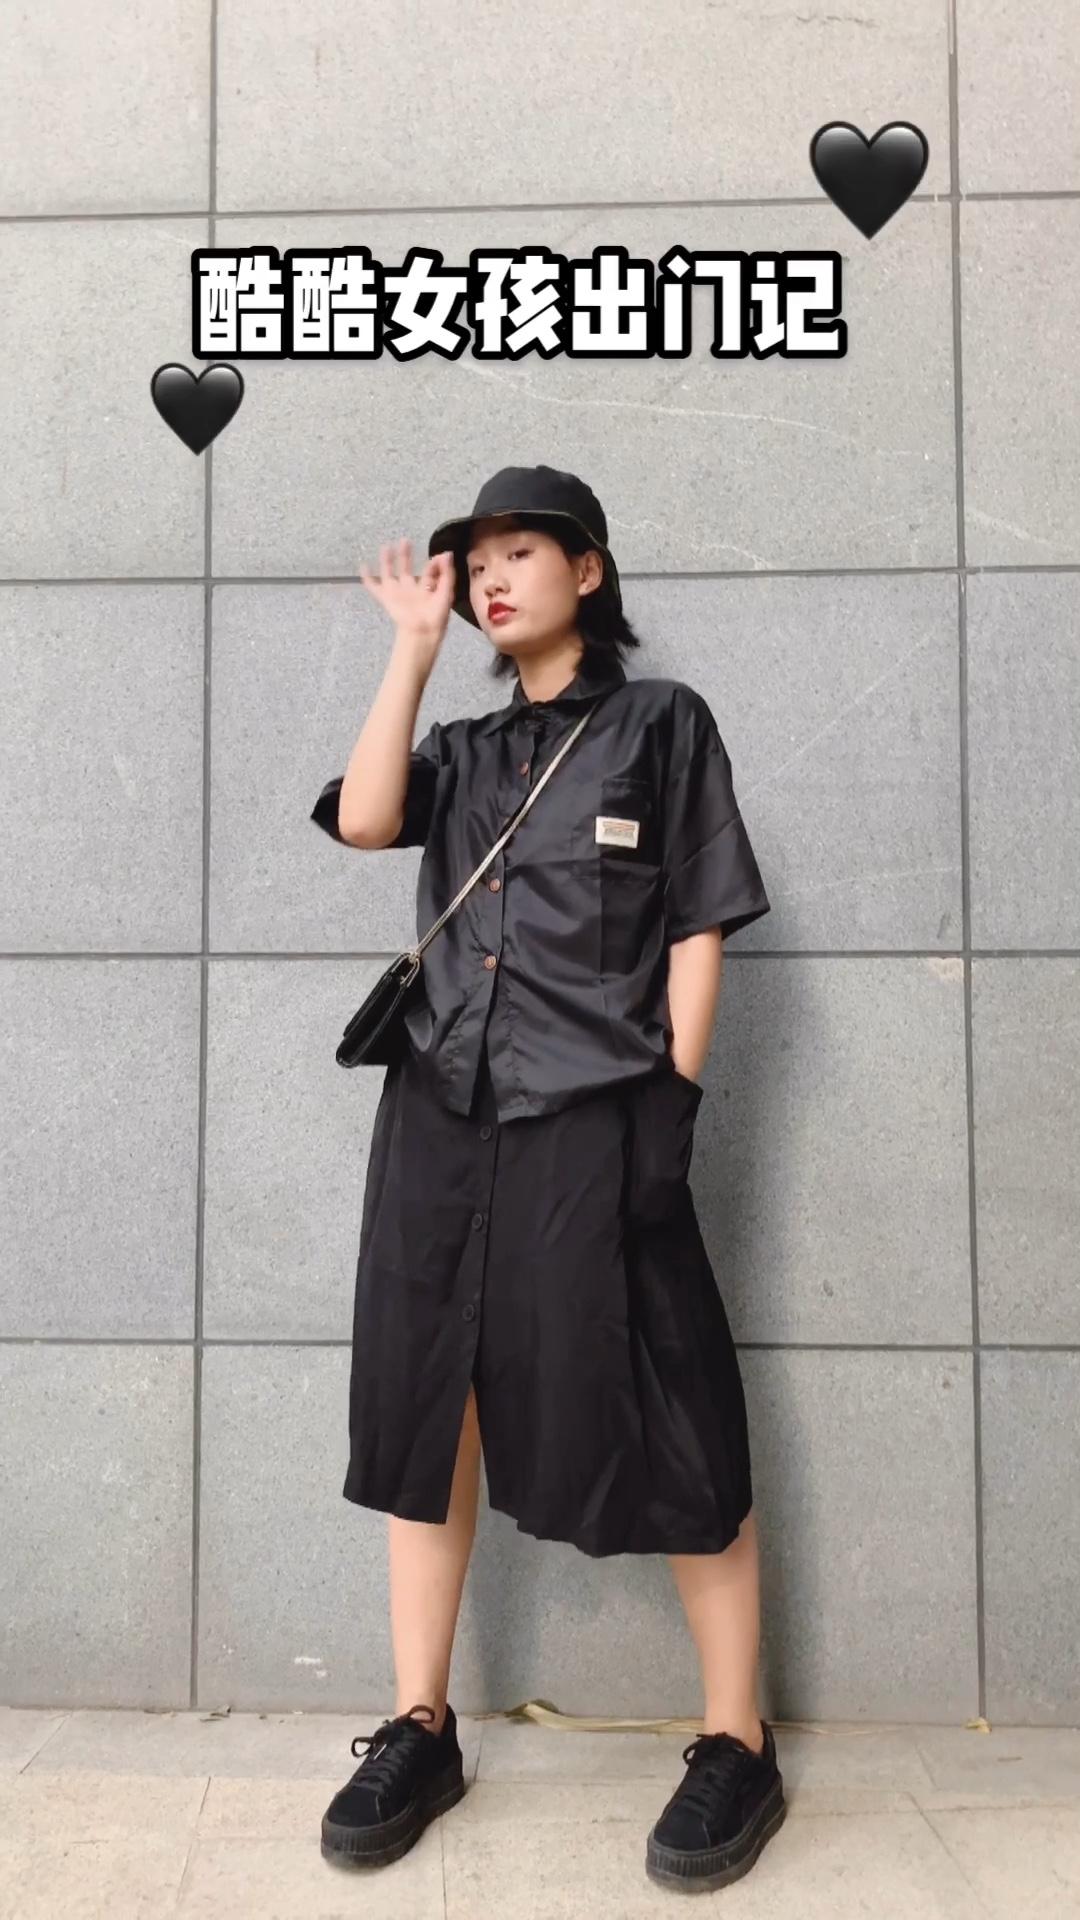 最近看李现爱上了黑色啦!!!想变成现女友 显瘦又酷的颜色我首选黑色!!搭配草帽休闲又舒适哦!!! #120斤女孩怕热这么穿!#